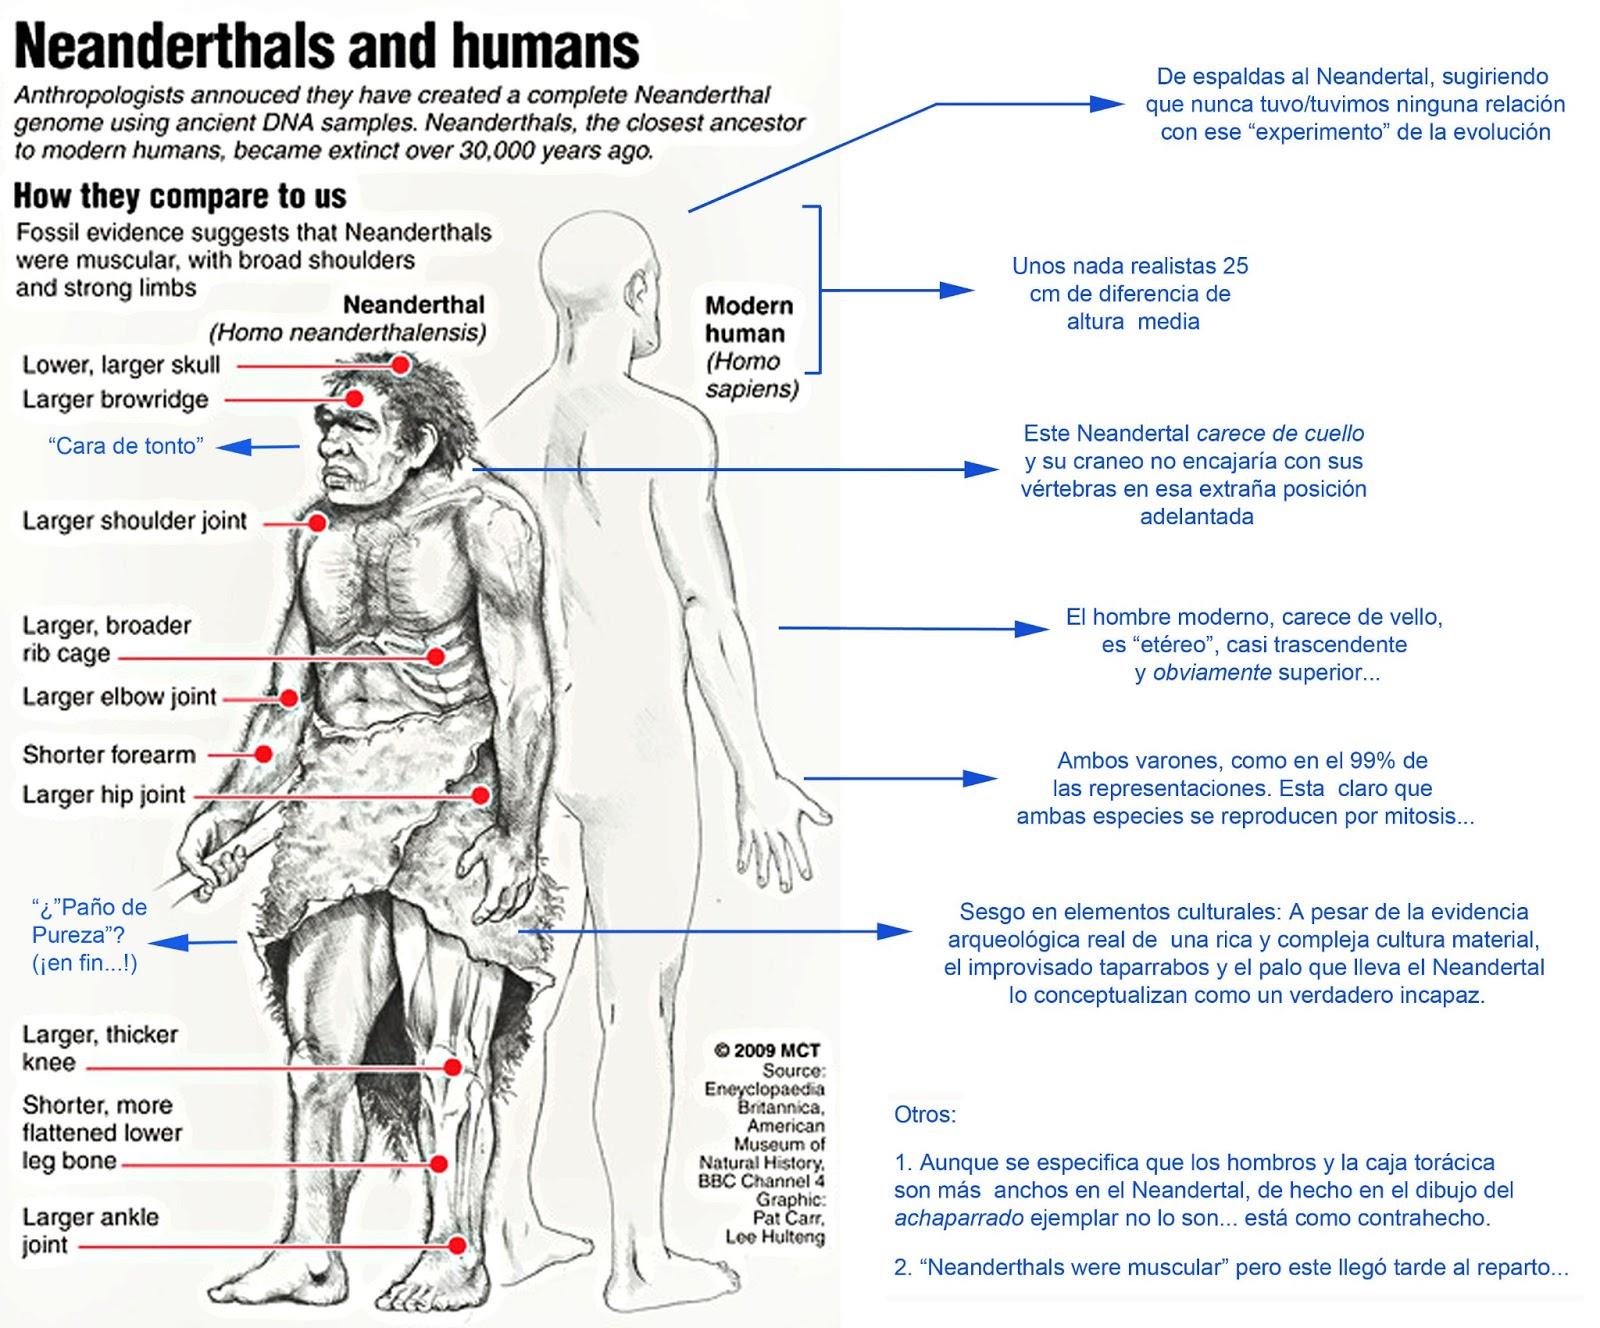 El Neandertal tonto ¡qué timo!: Prejuicios, ilustraciones y Neandertales